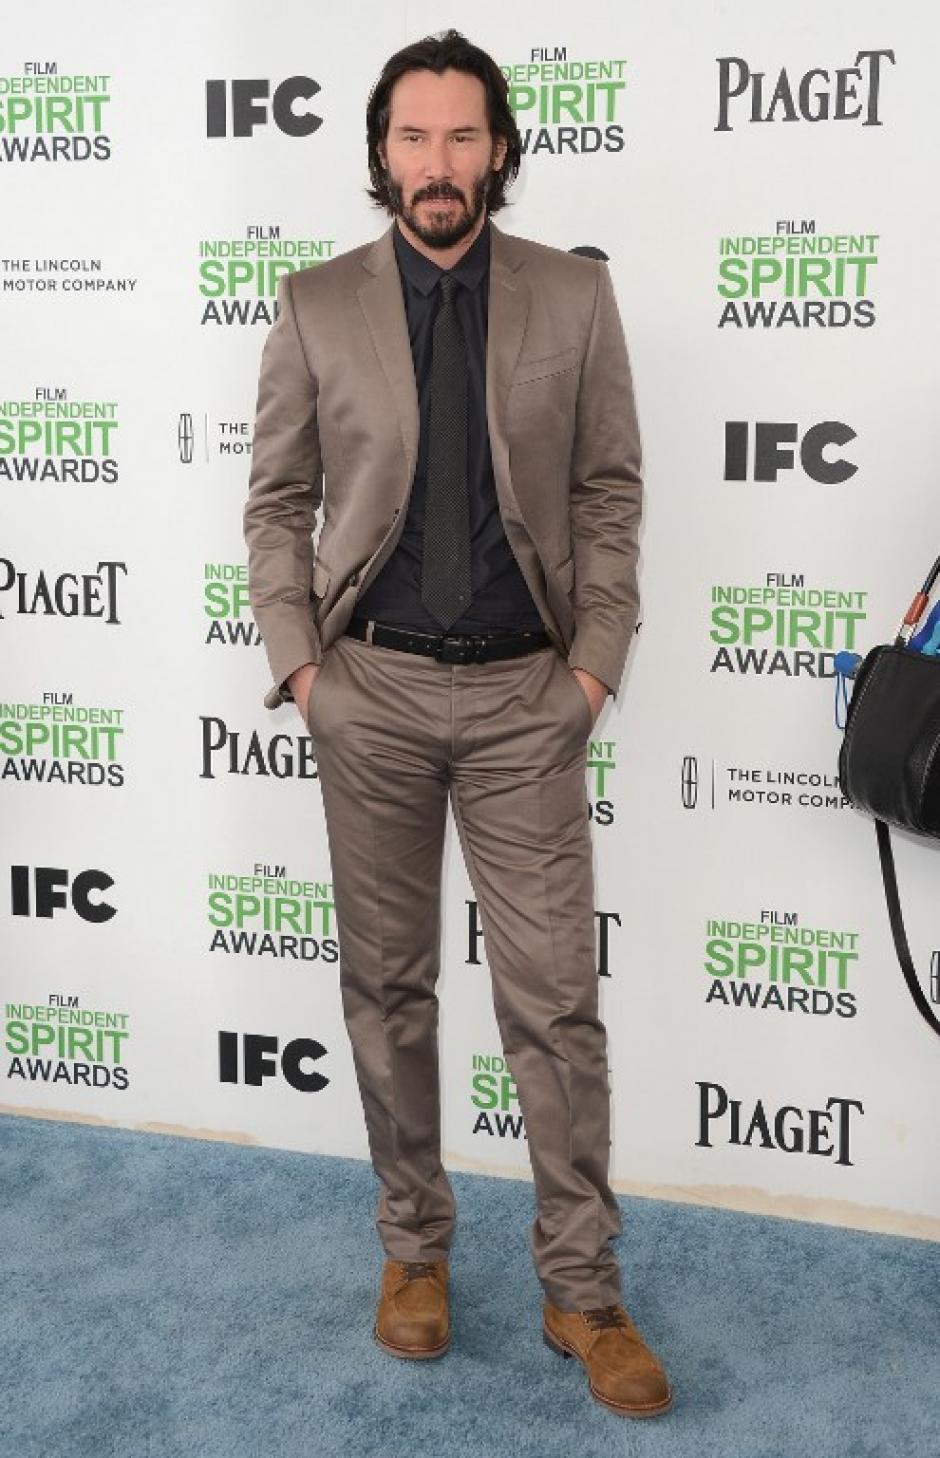 El actor Keanu Reeves, recordado por su participación en Matrix, llegó a los Spirit Awards vestido de traje café y camisa negra, una buena combinación sin mucho esfuerzo. (Foto:AFP)